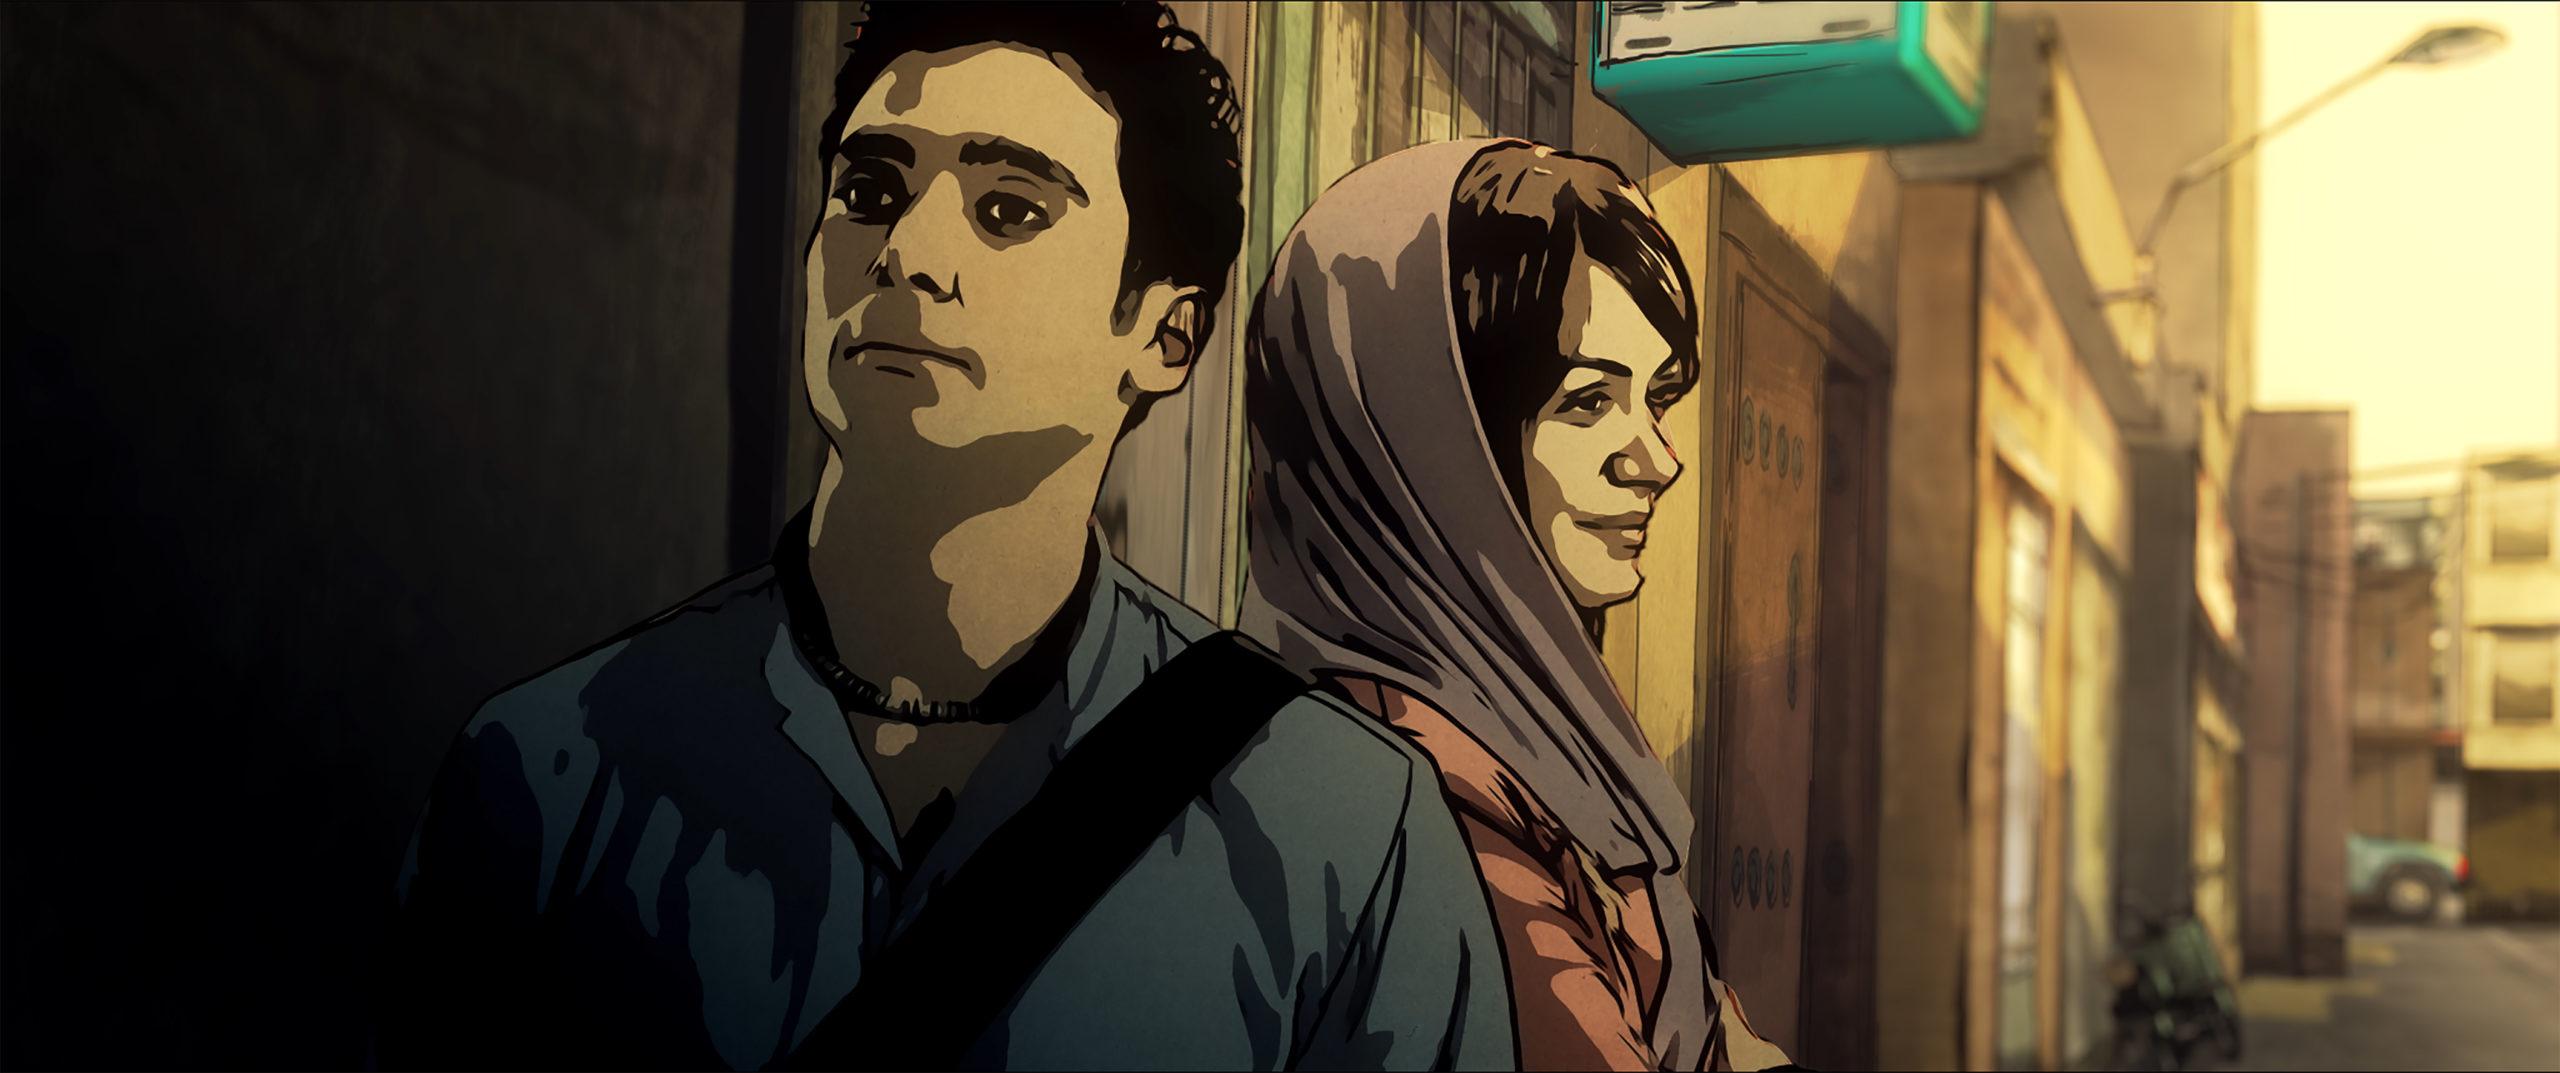 Az ajatollah földje – Teheráni tabuk kritika (Kelet gyöngyszemei #3)